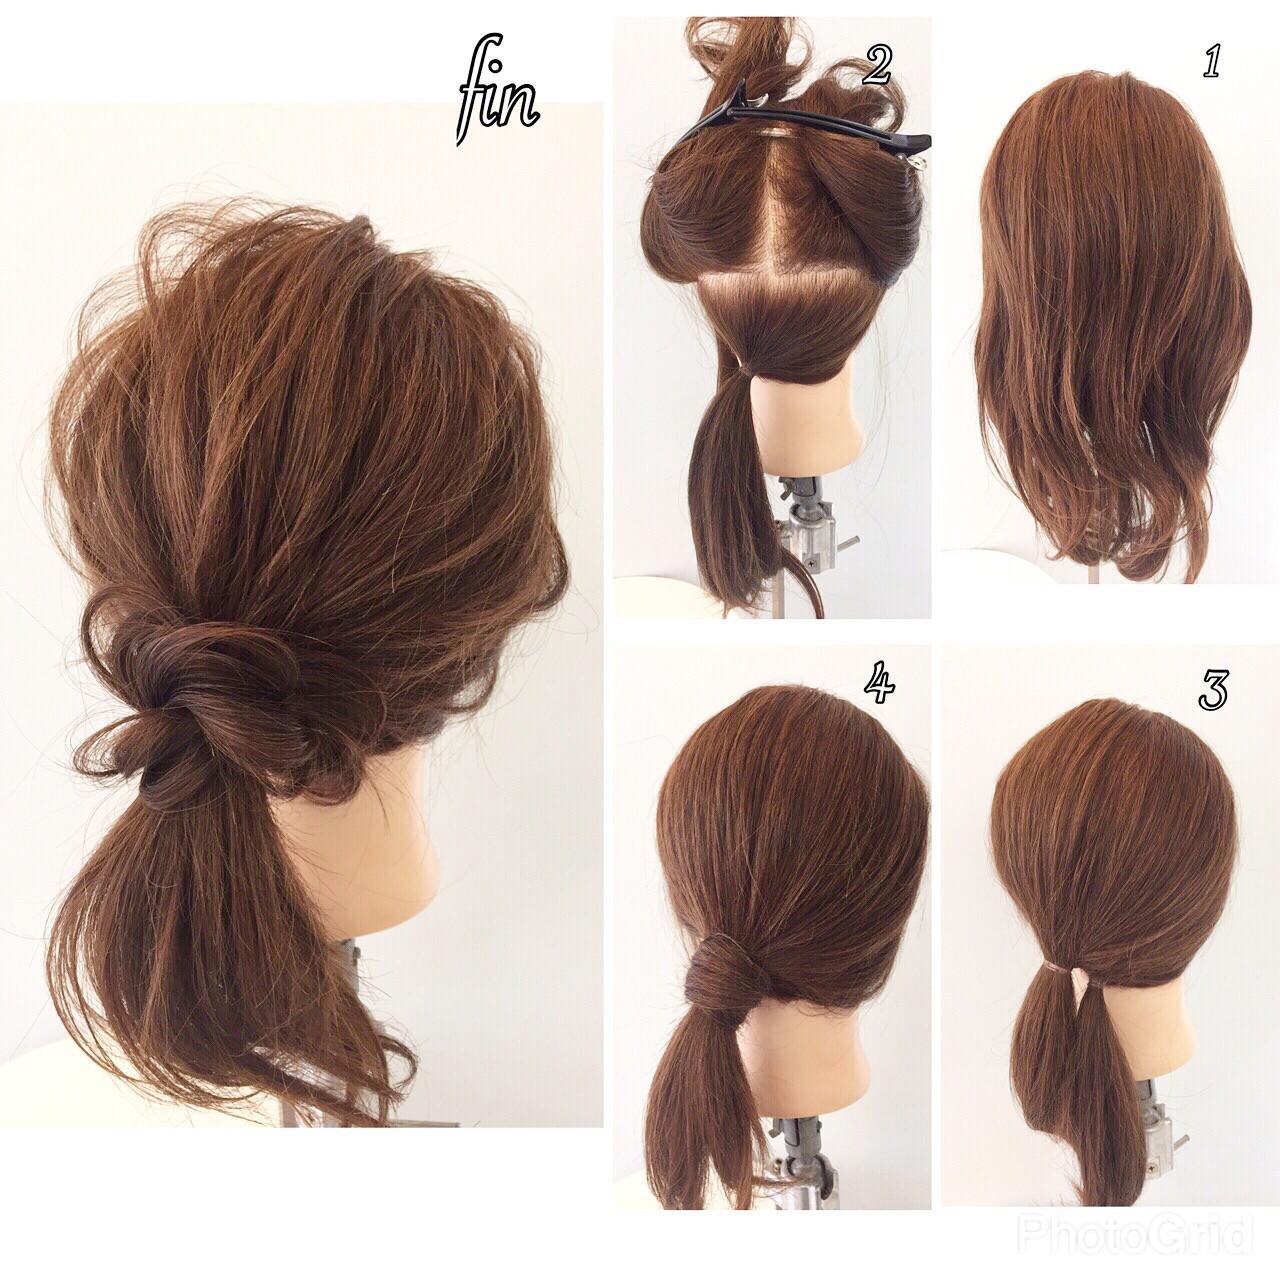 簡単ヘアアレンジ 大人女子 ショート ローポニーテール ヘアスタイルや髪型の写真・画像